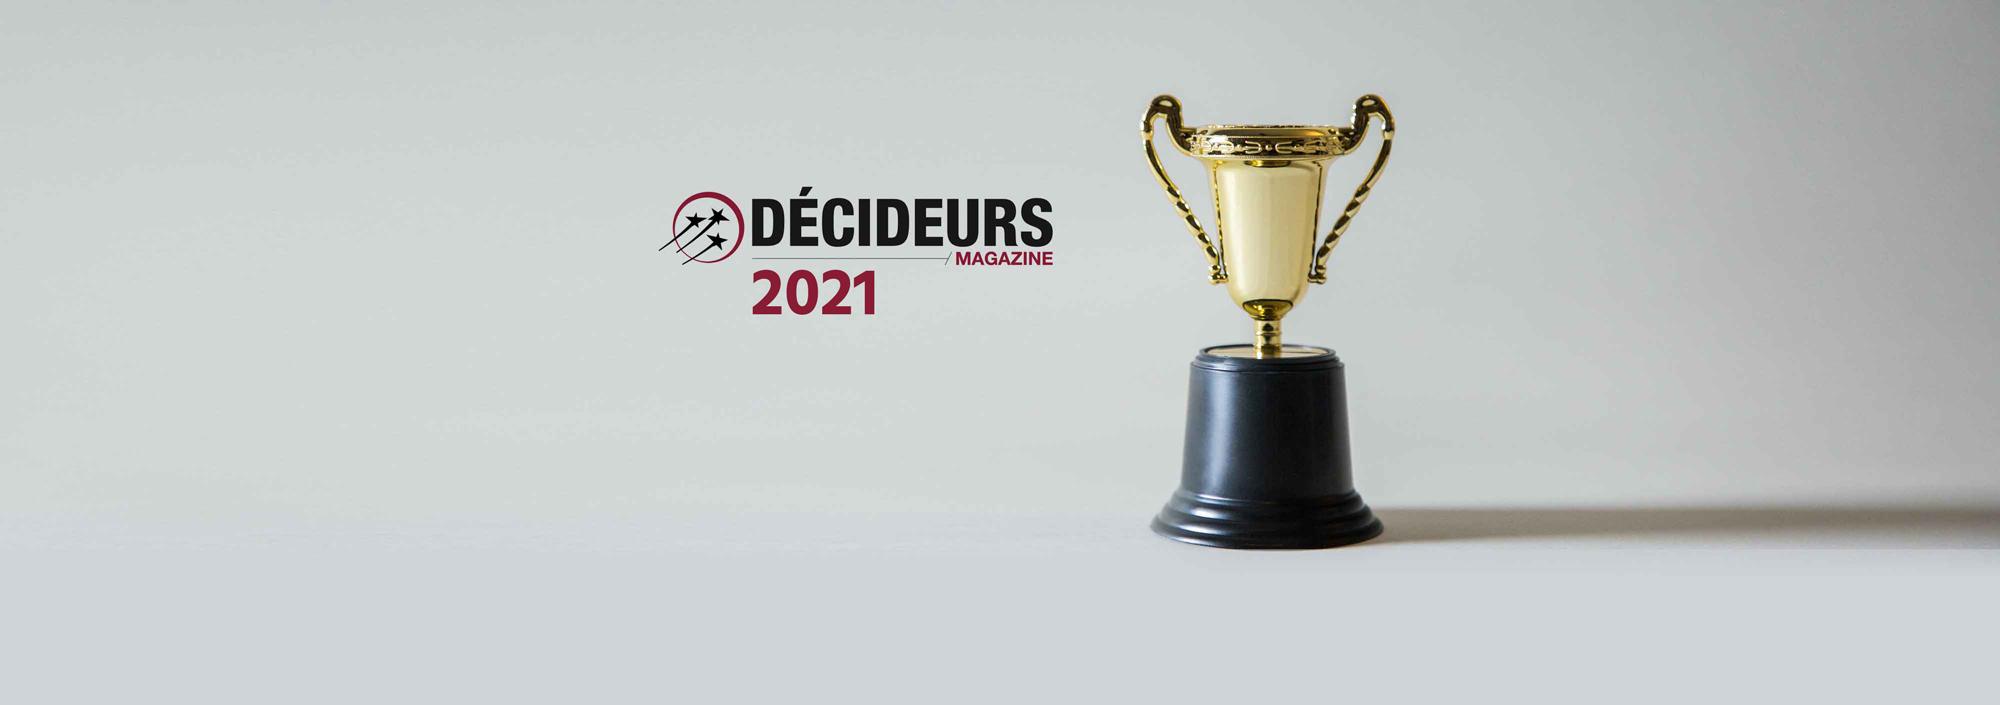 classement-decideurs-2021